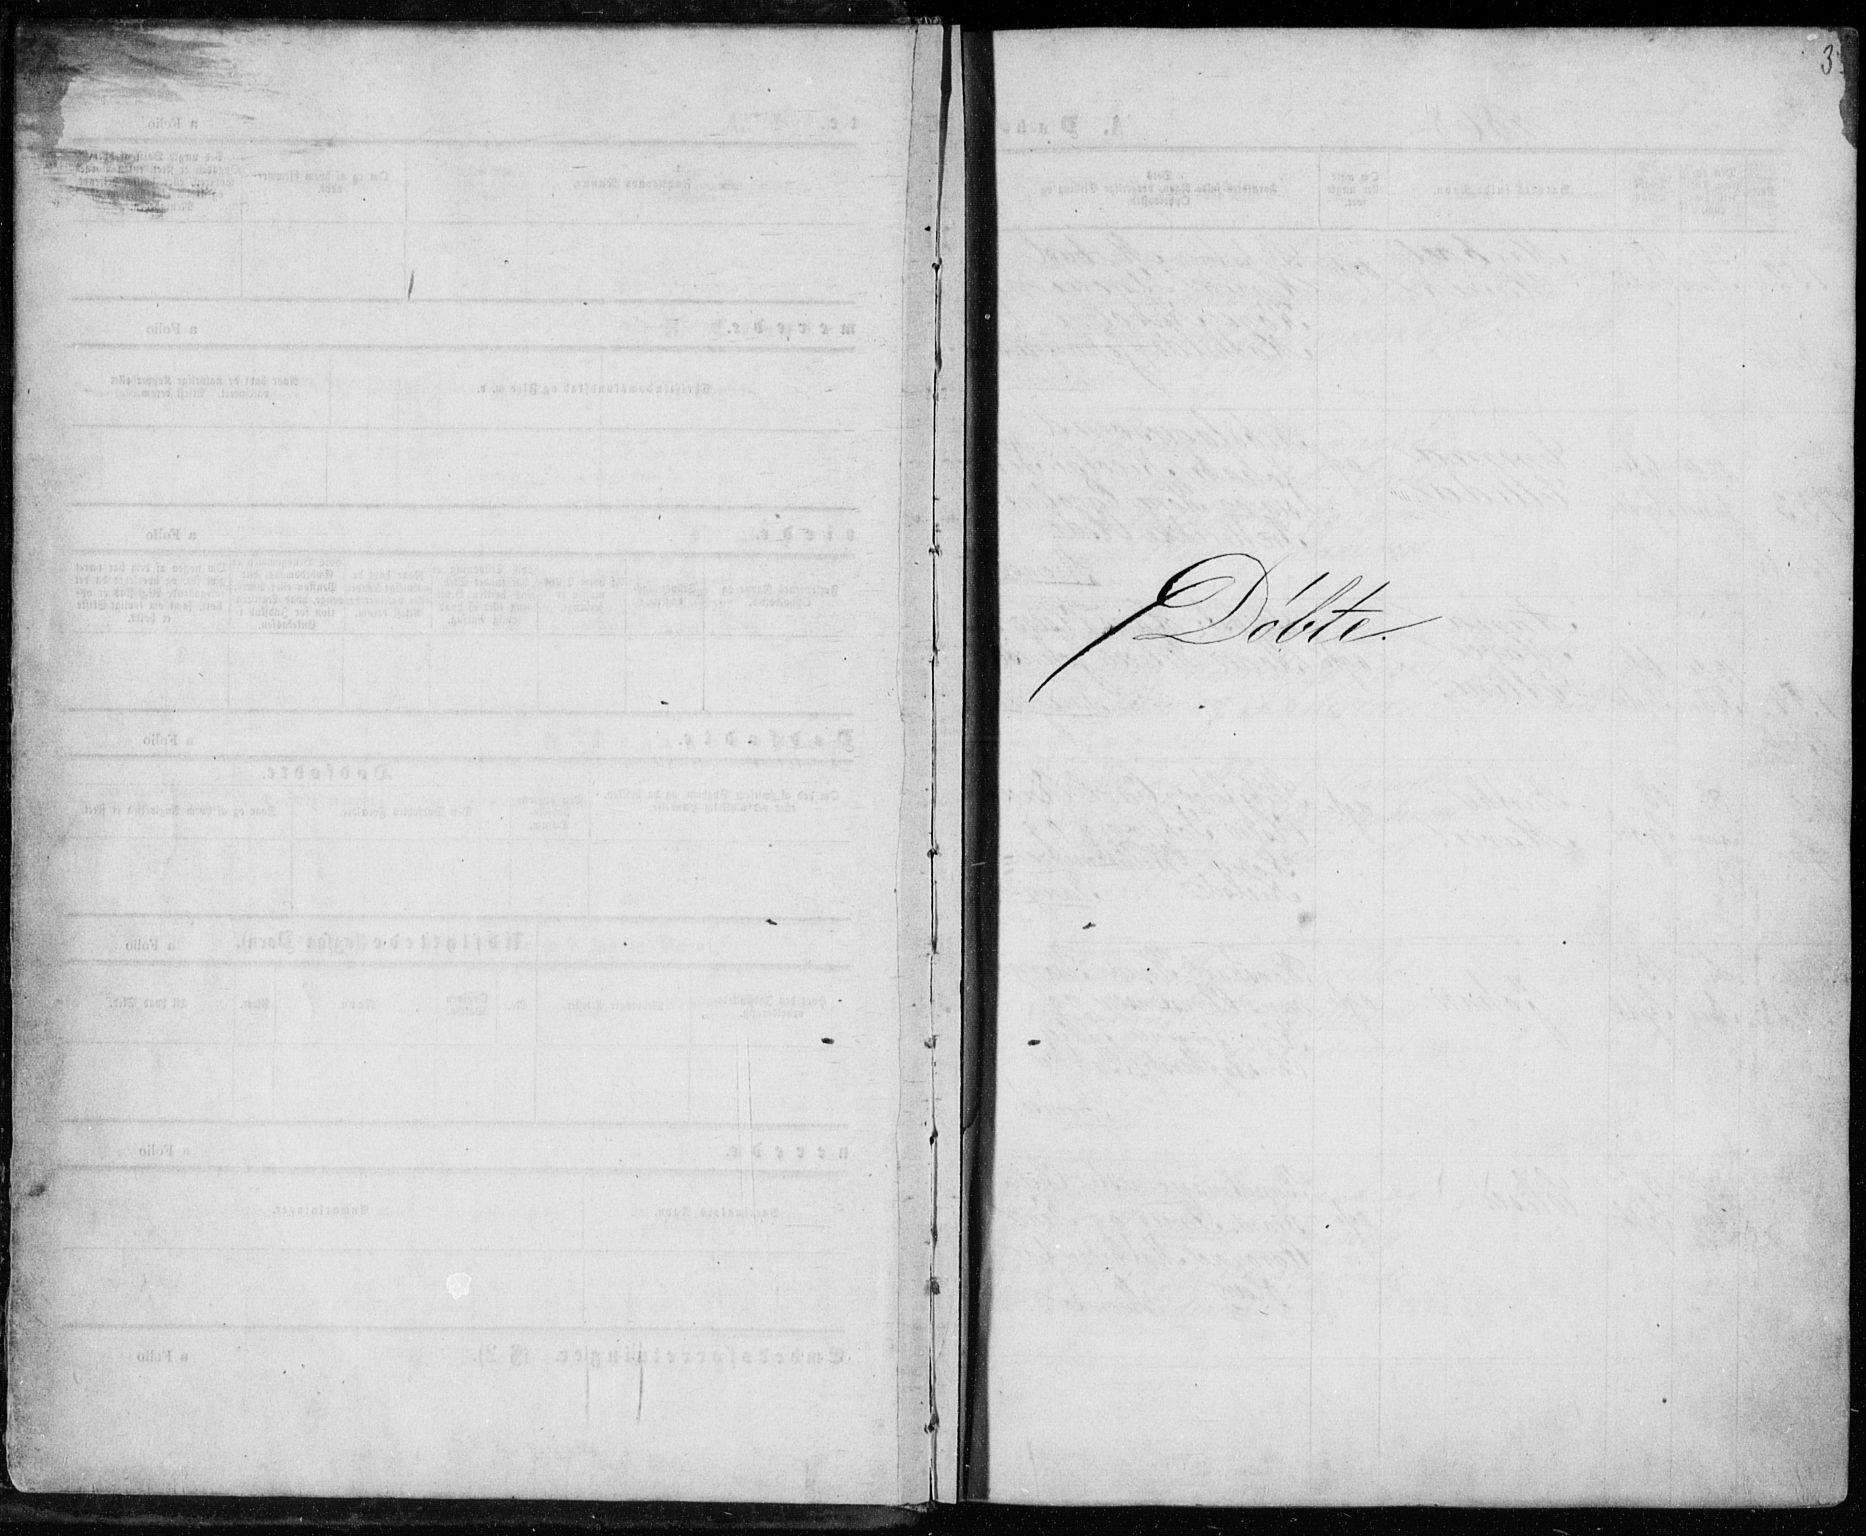 SAKO, Strømsø kirkebøker, F/Fa/L0016: Ministerialbok nr. I 16, 1868-1873, s. 3